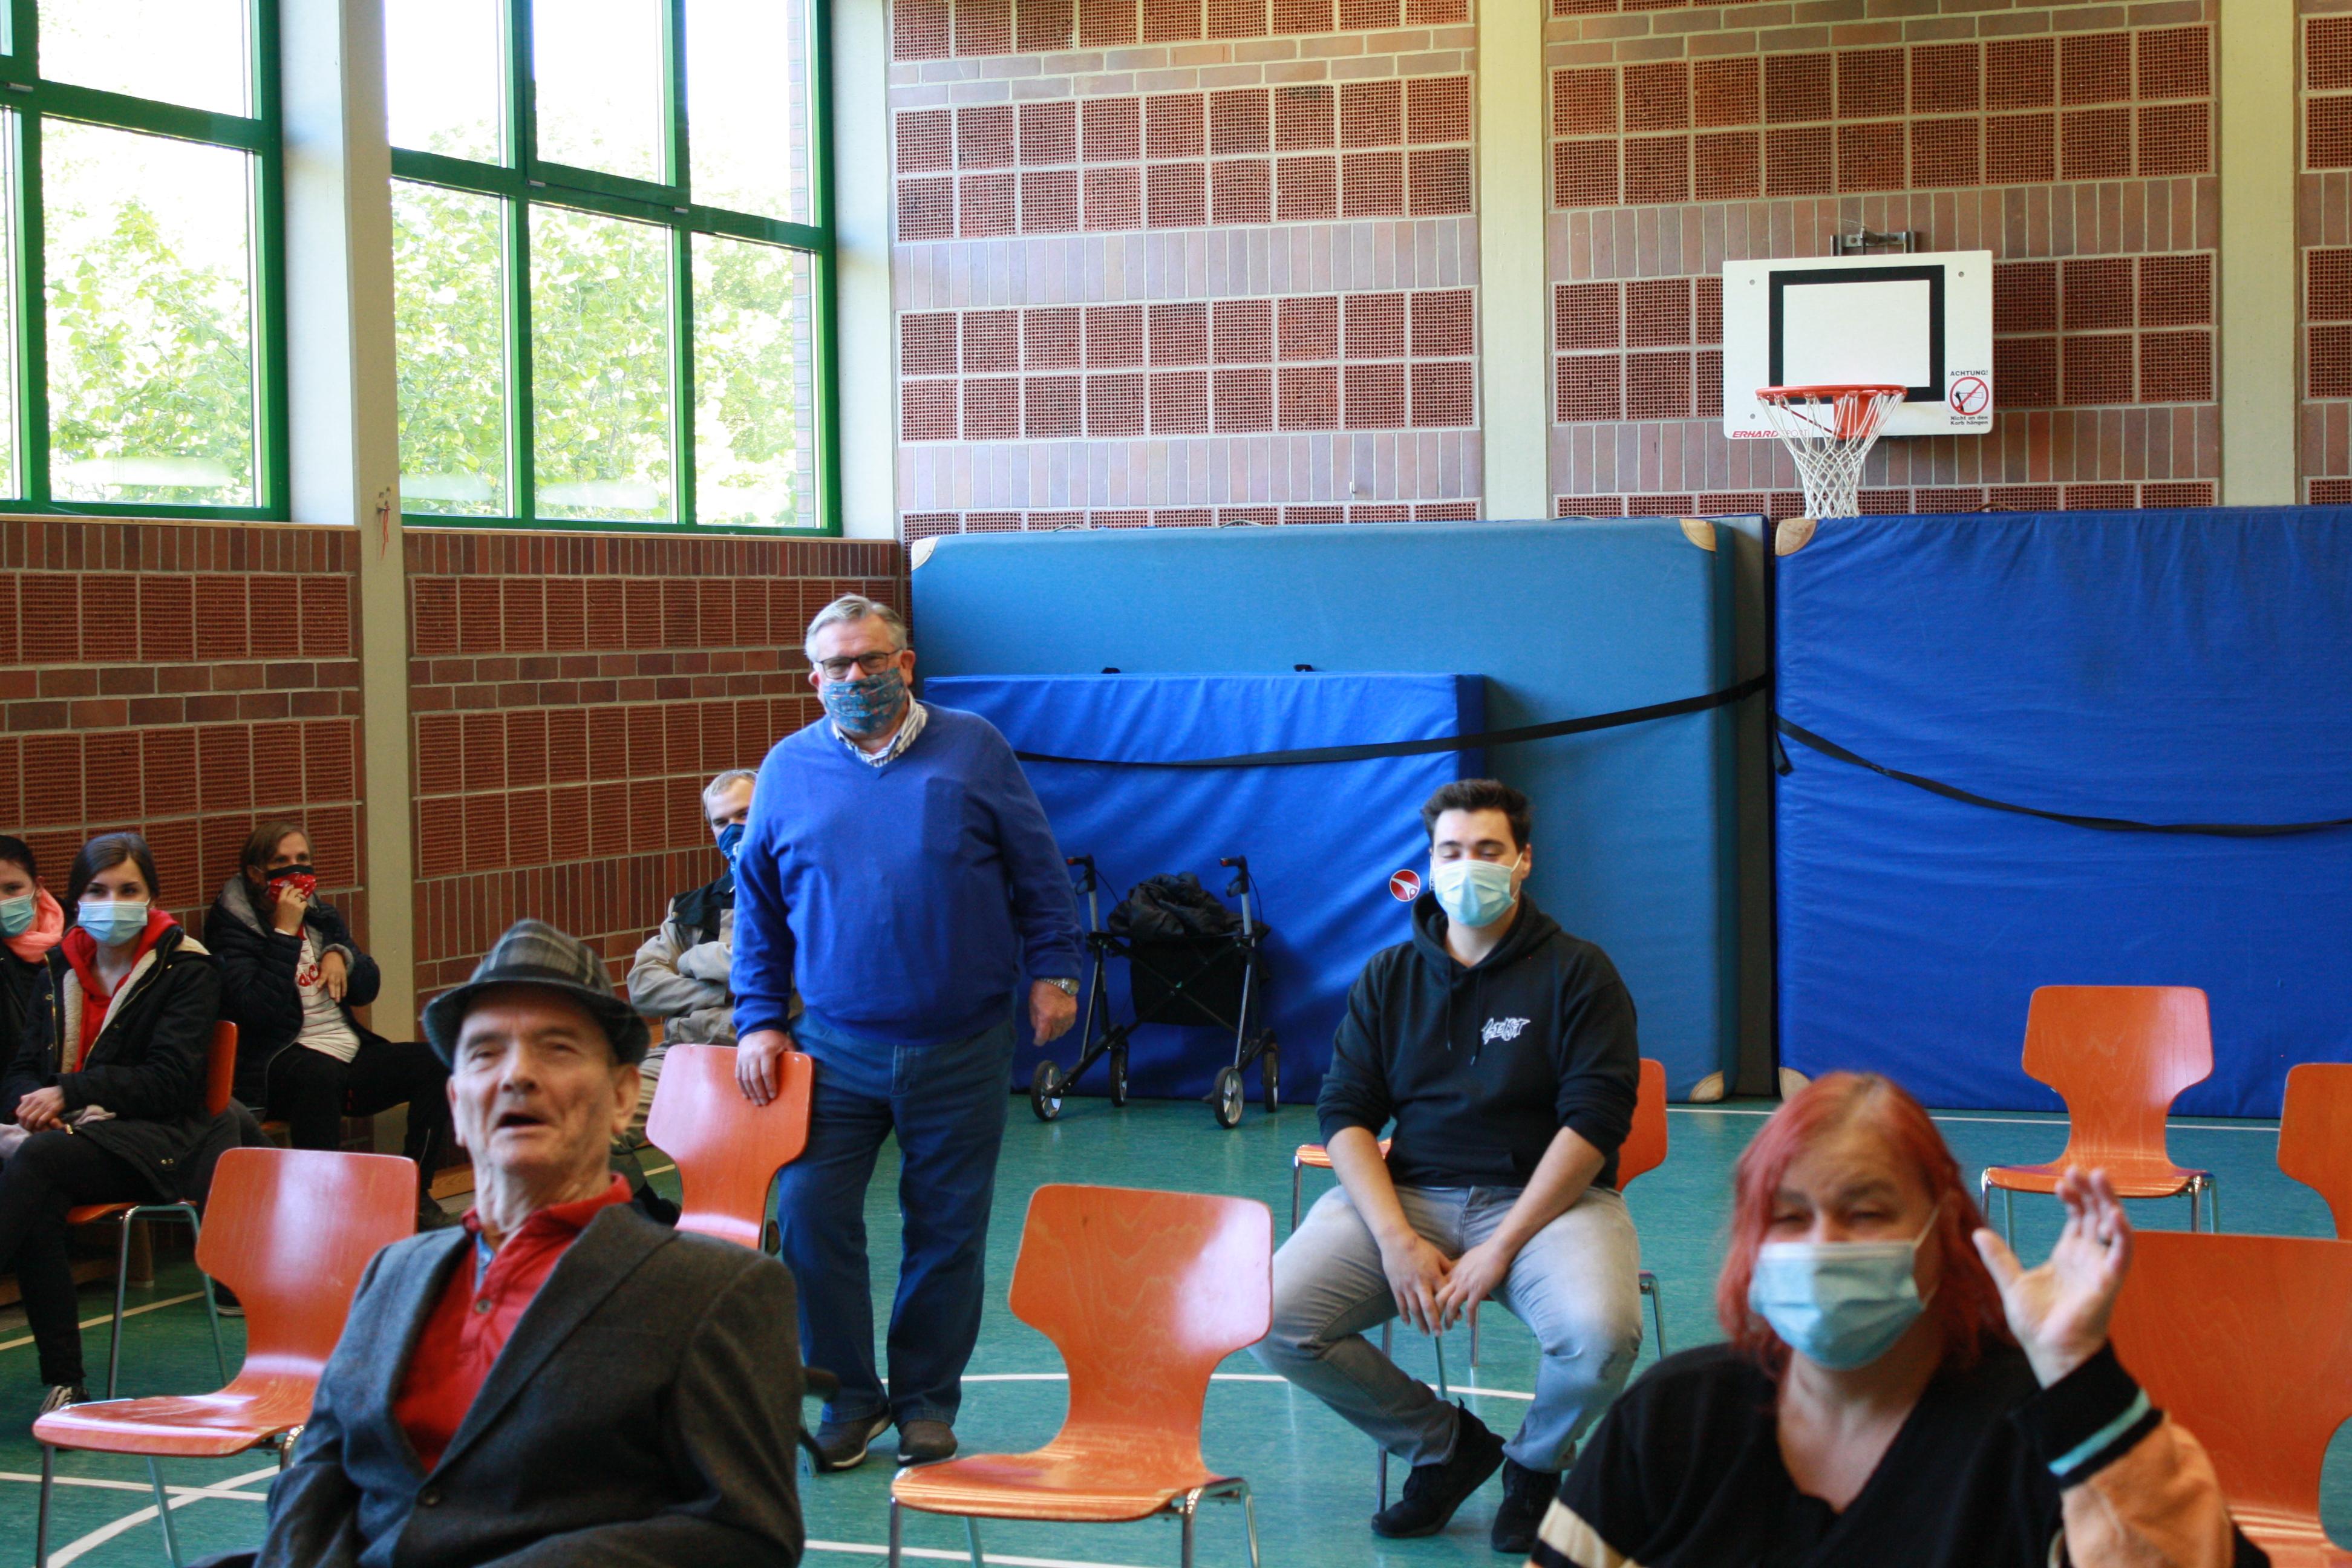 Viel Gesprächsstoff nach coronabedingter Pause. Betreutenverterter und Lebenshilfe-Chef trafen sich in der Turnhalle, um Hygiene-/Abstandsregeln zu wahren.